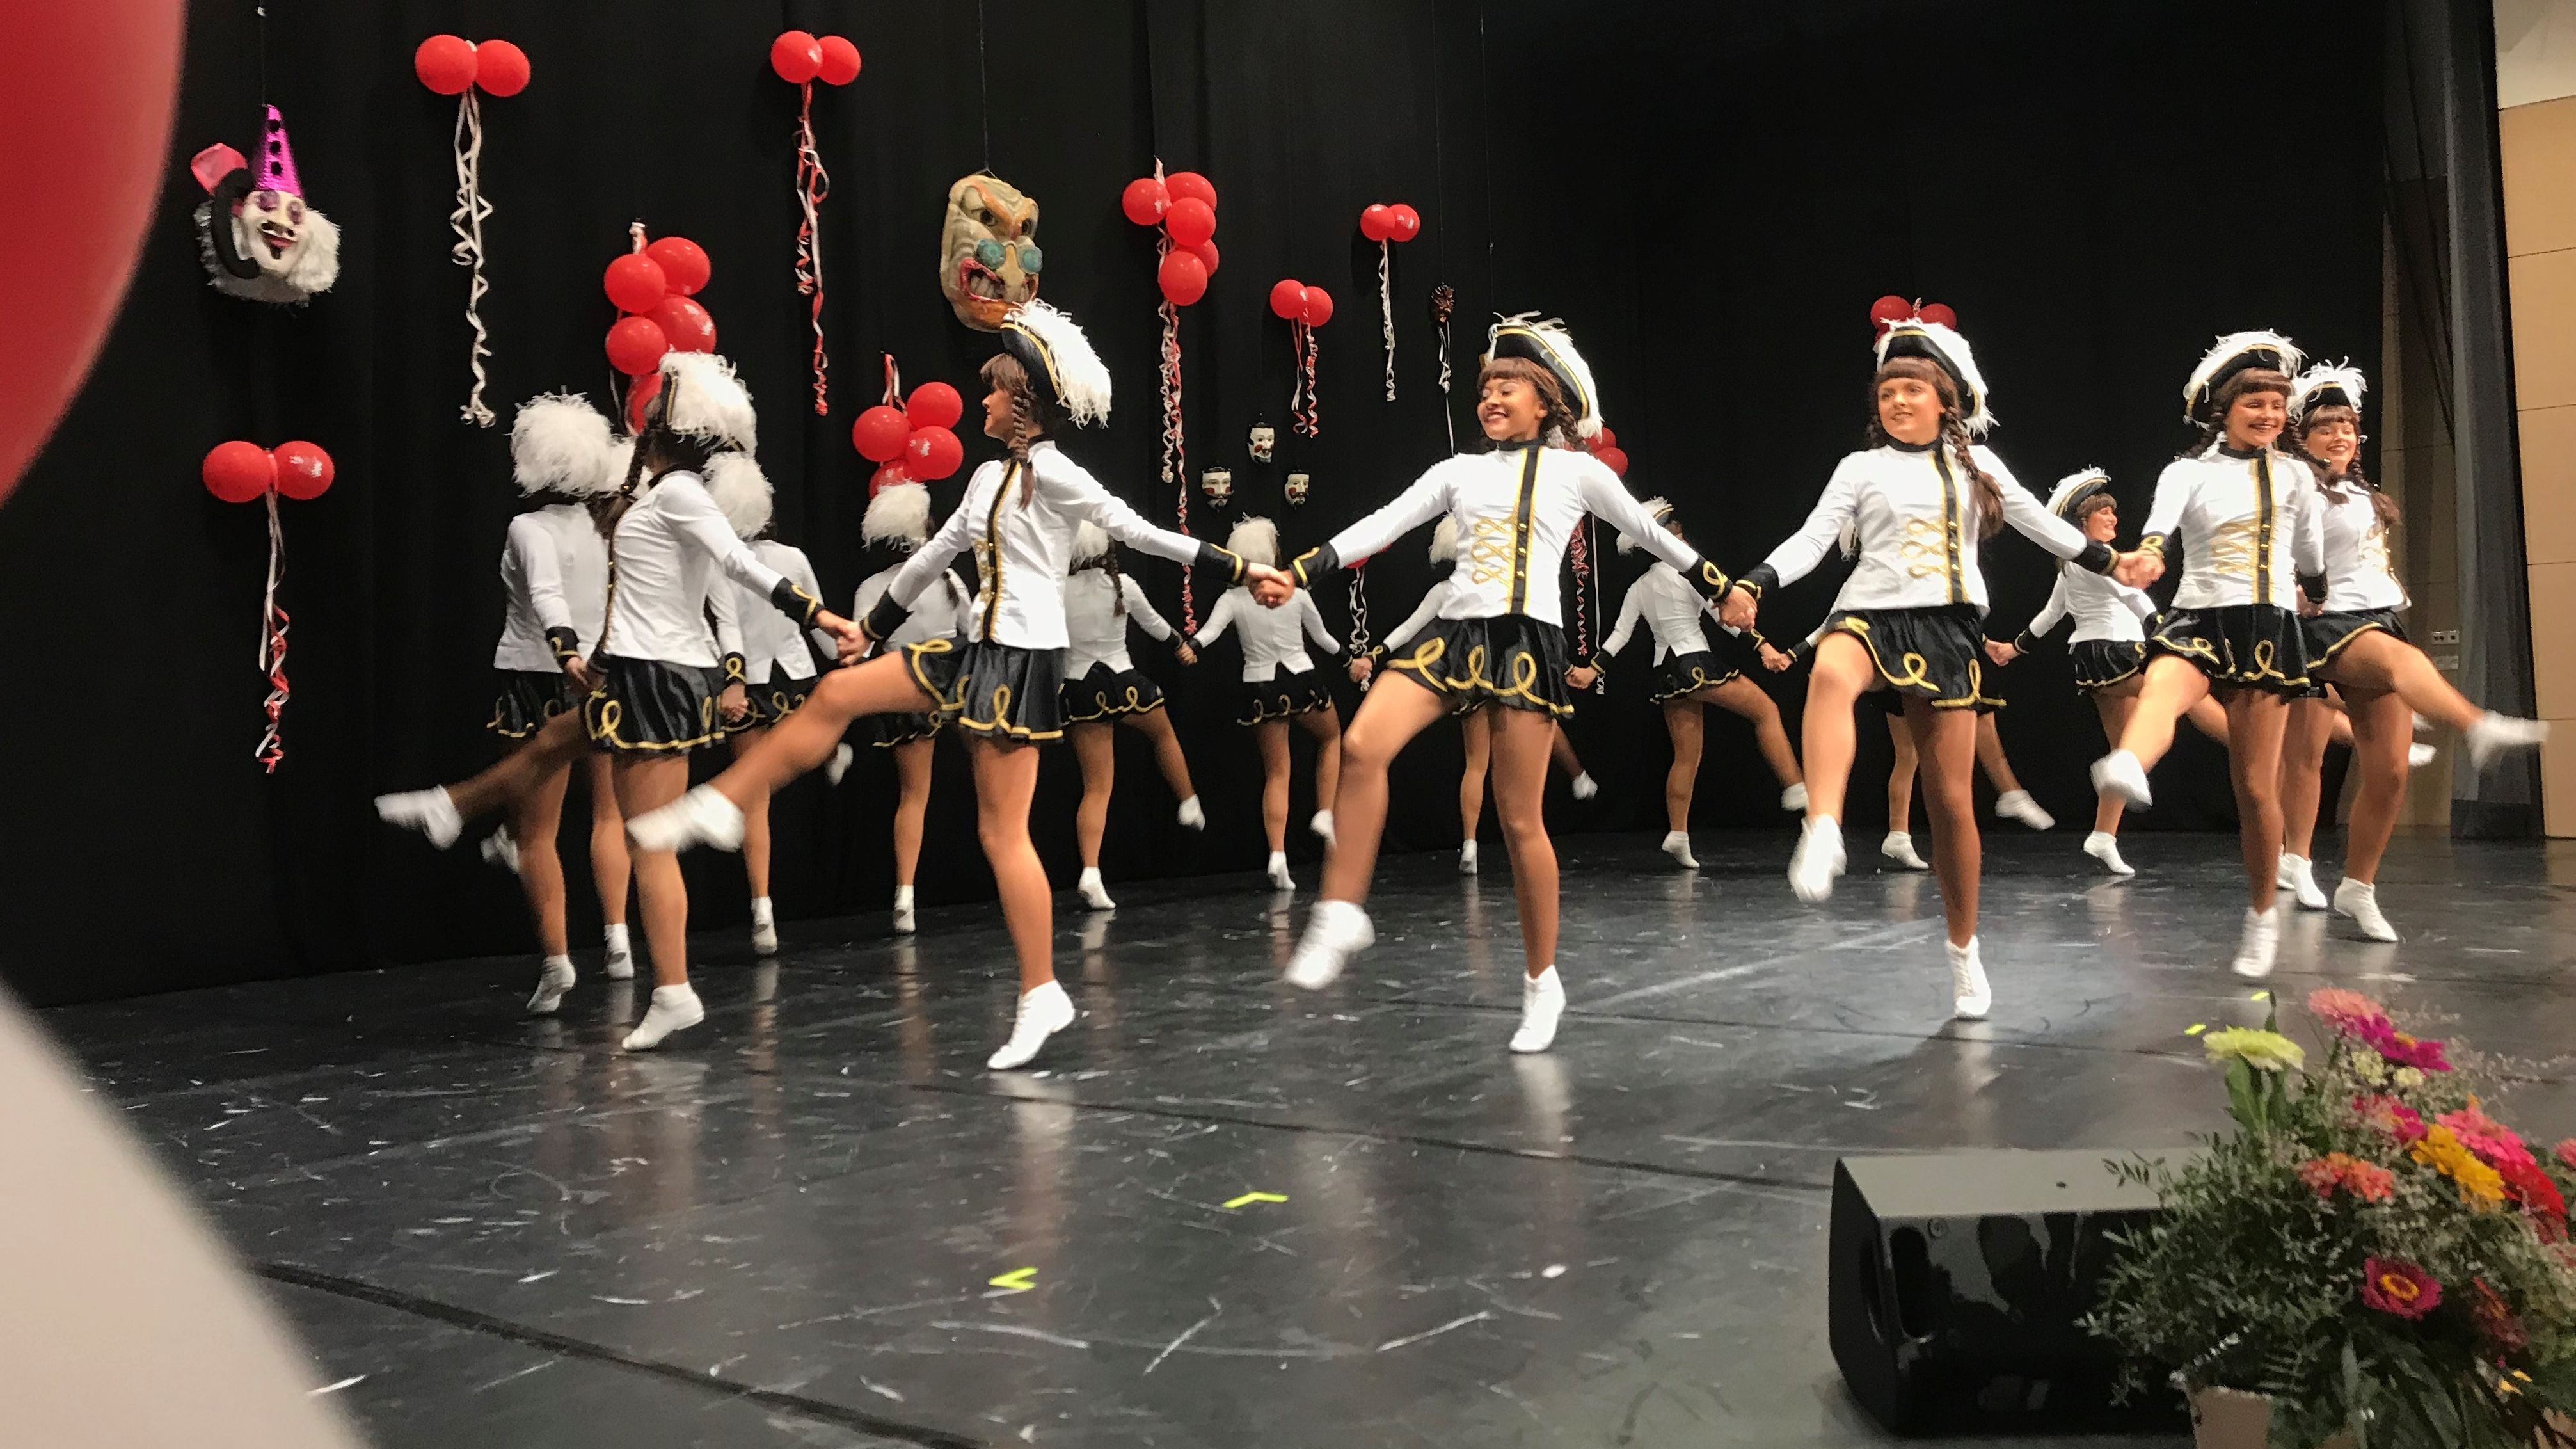 Gardemädchen tanzen bei der 66-Jahr-Feier des Fastnachtverbandes Franken.